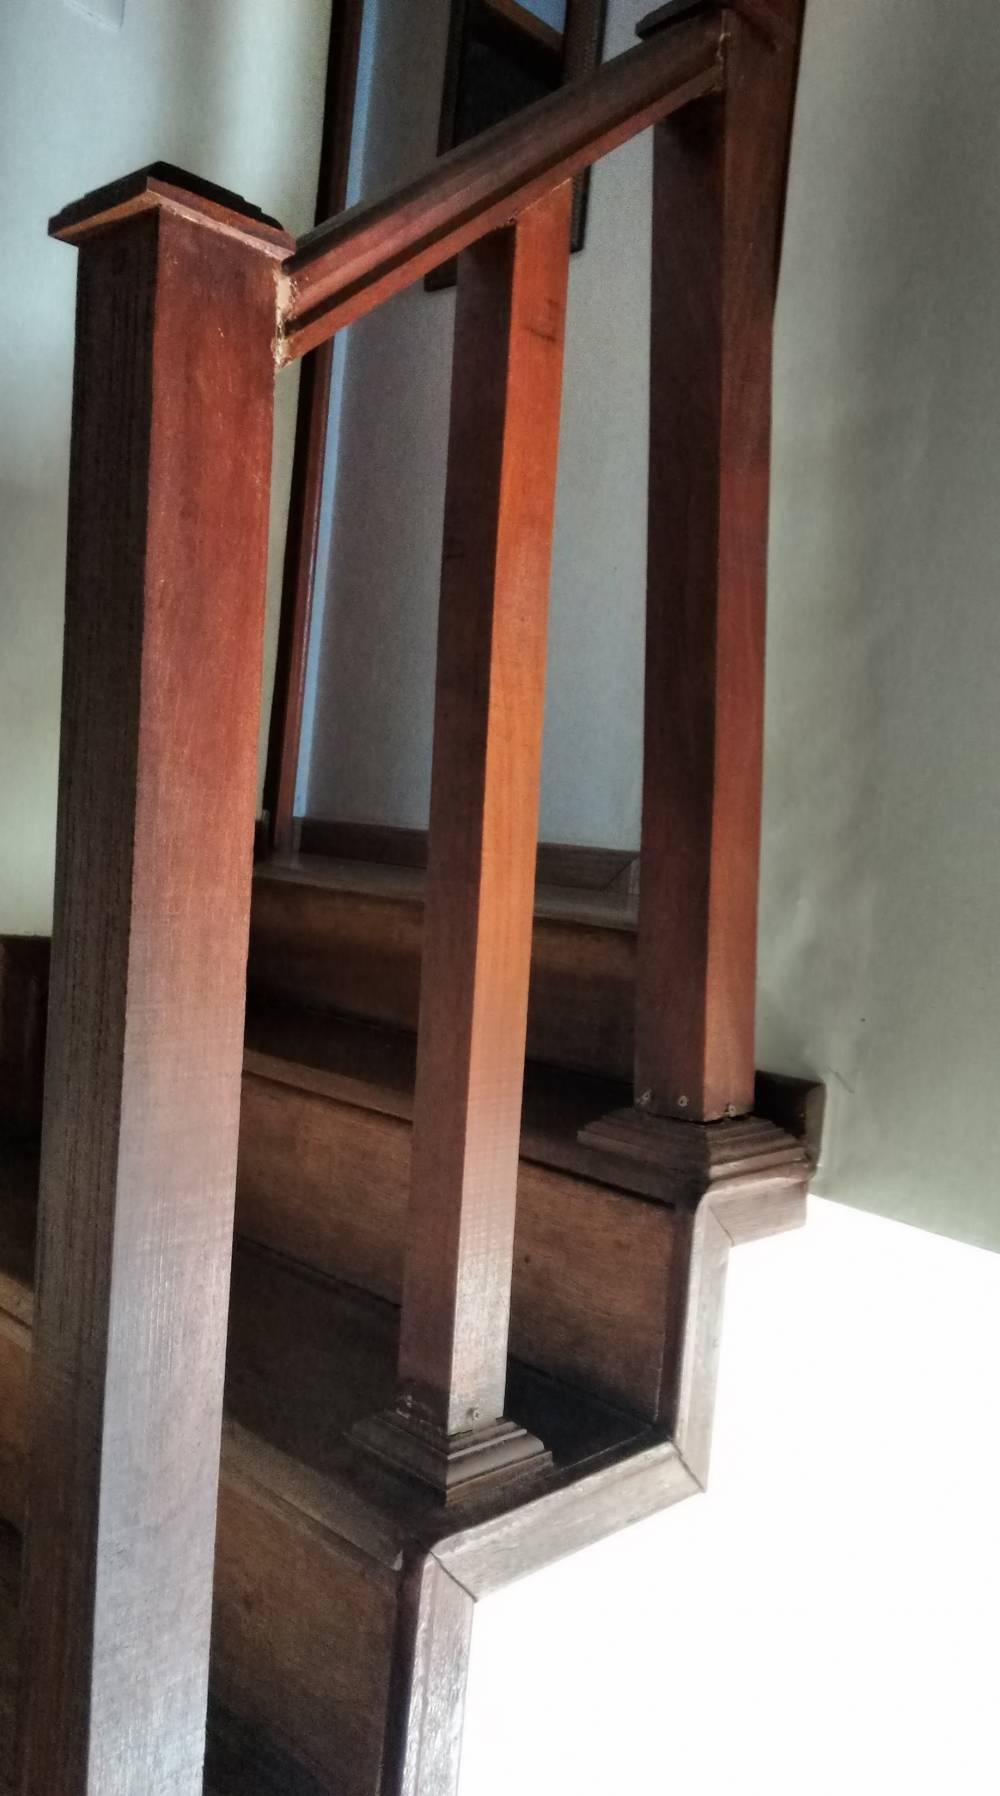 Contratar Alguém para Fazer Reparos em Residência no Jardim Imperador - Reparos Residenciais em São Bernardo